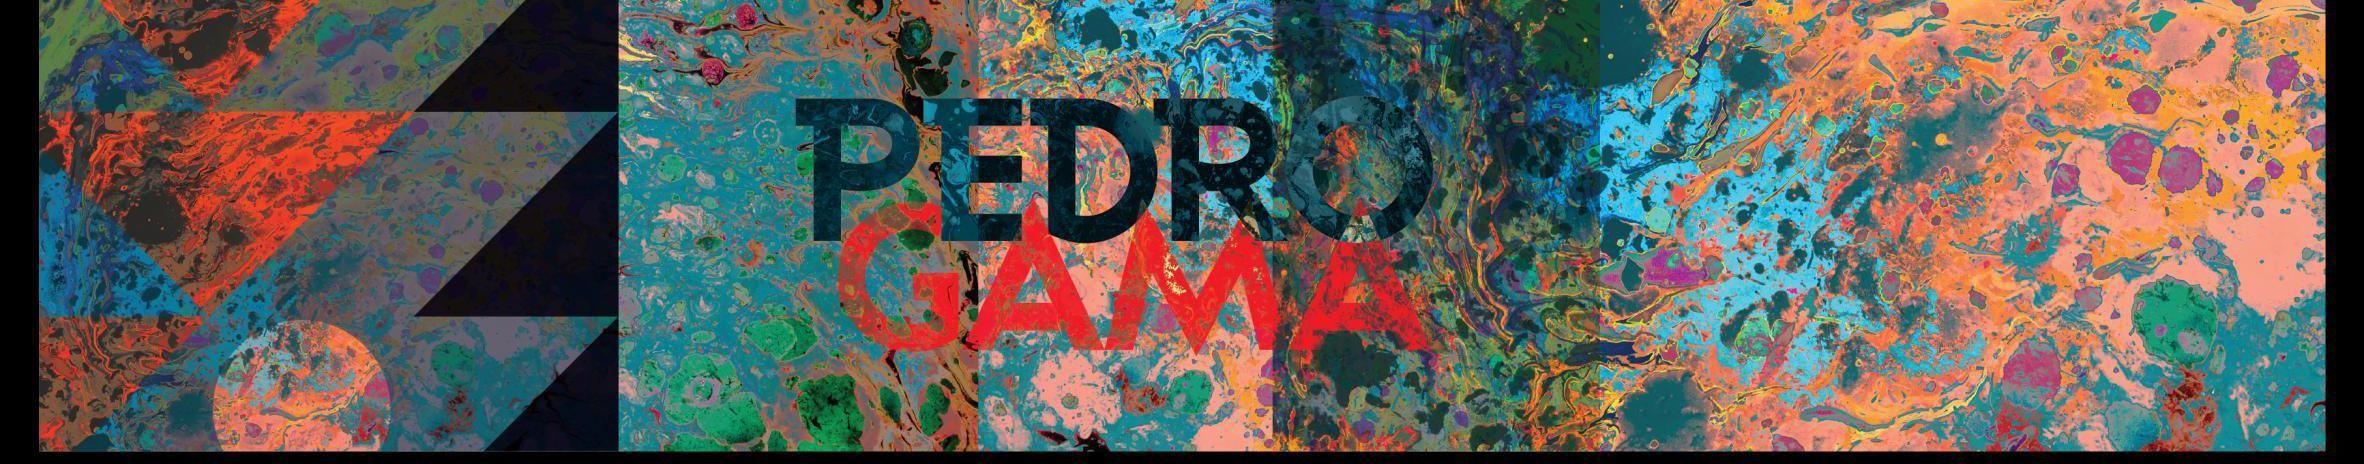 Imagem de capa de Pedro Gama